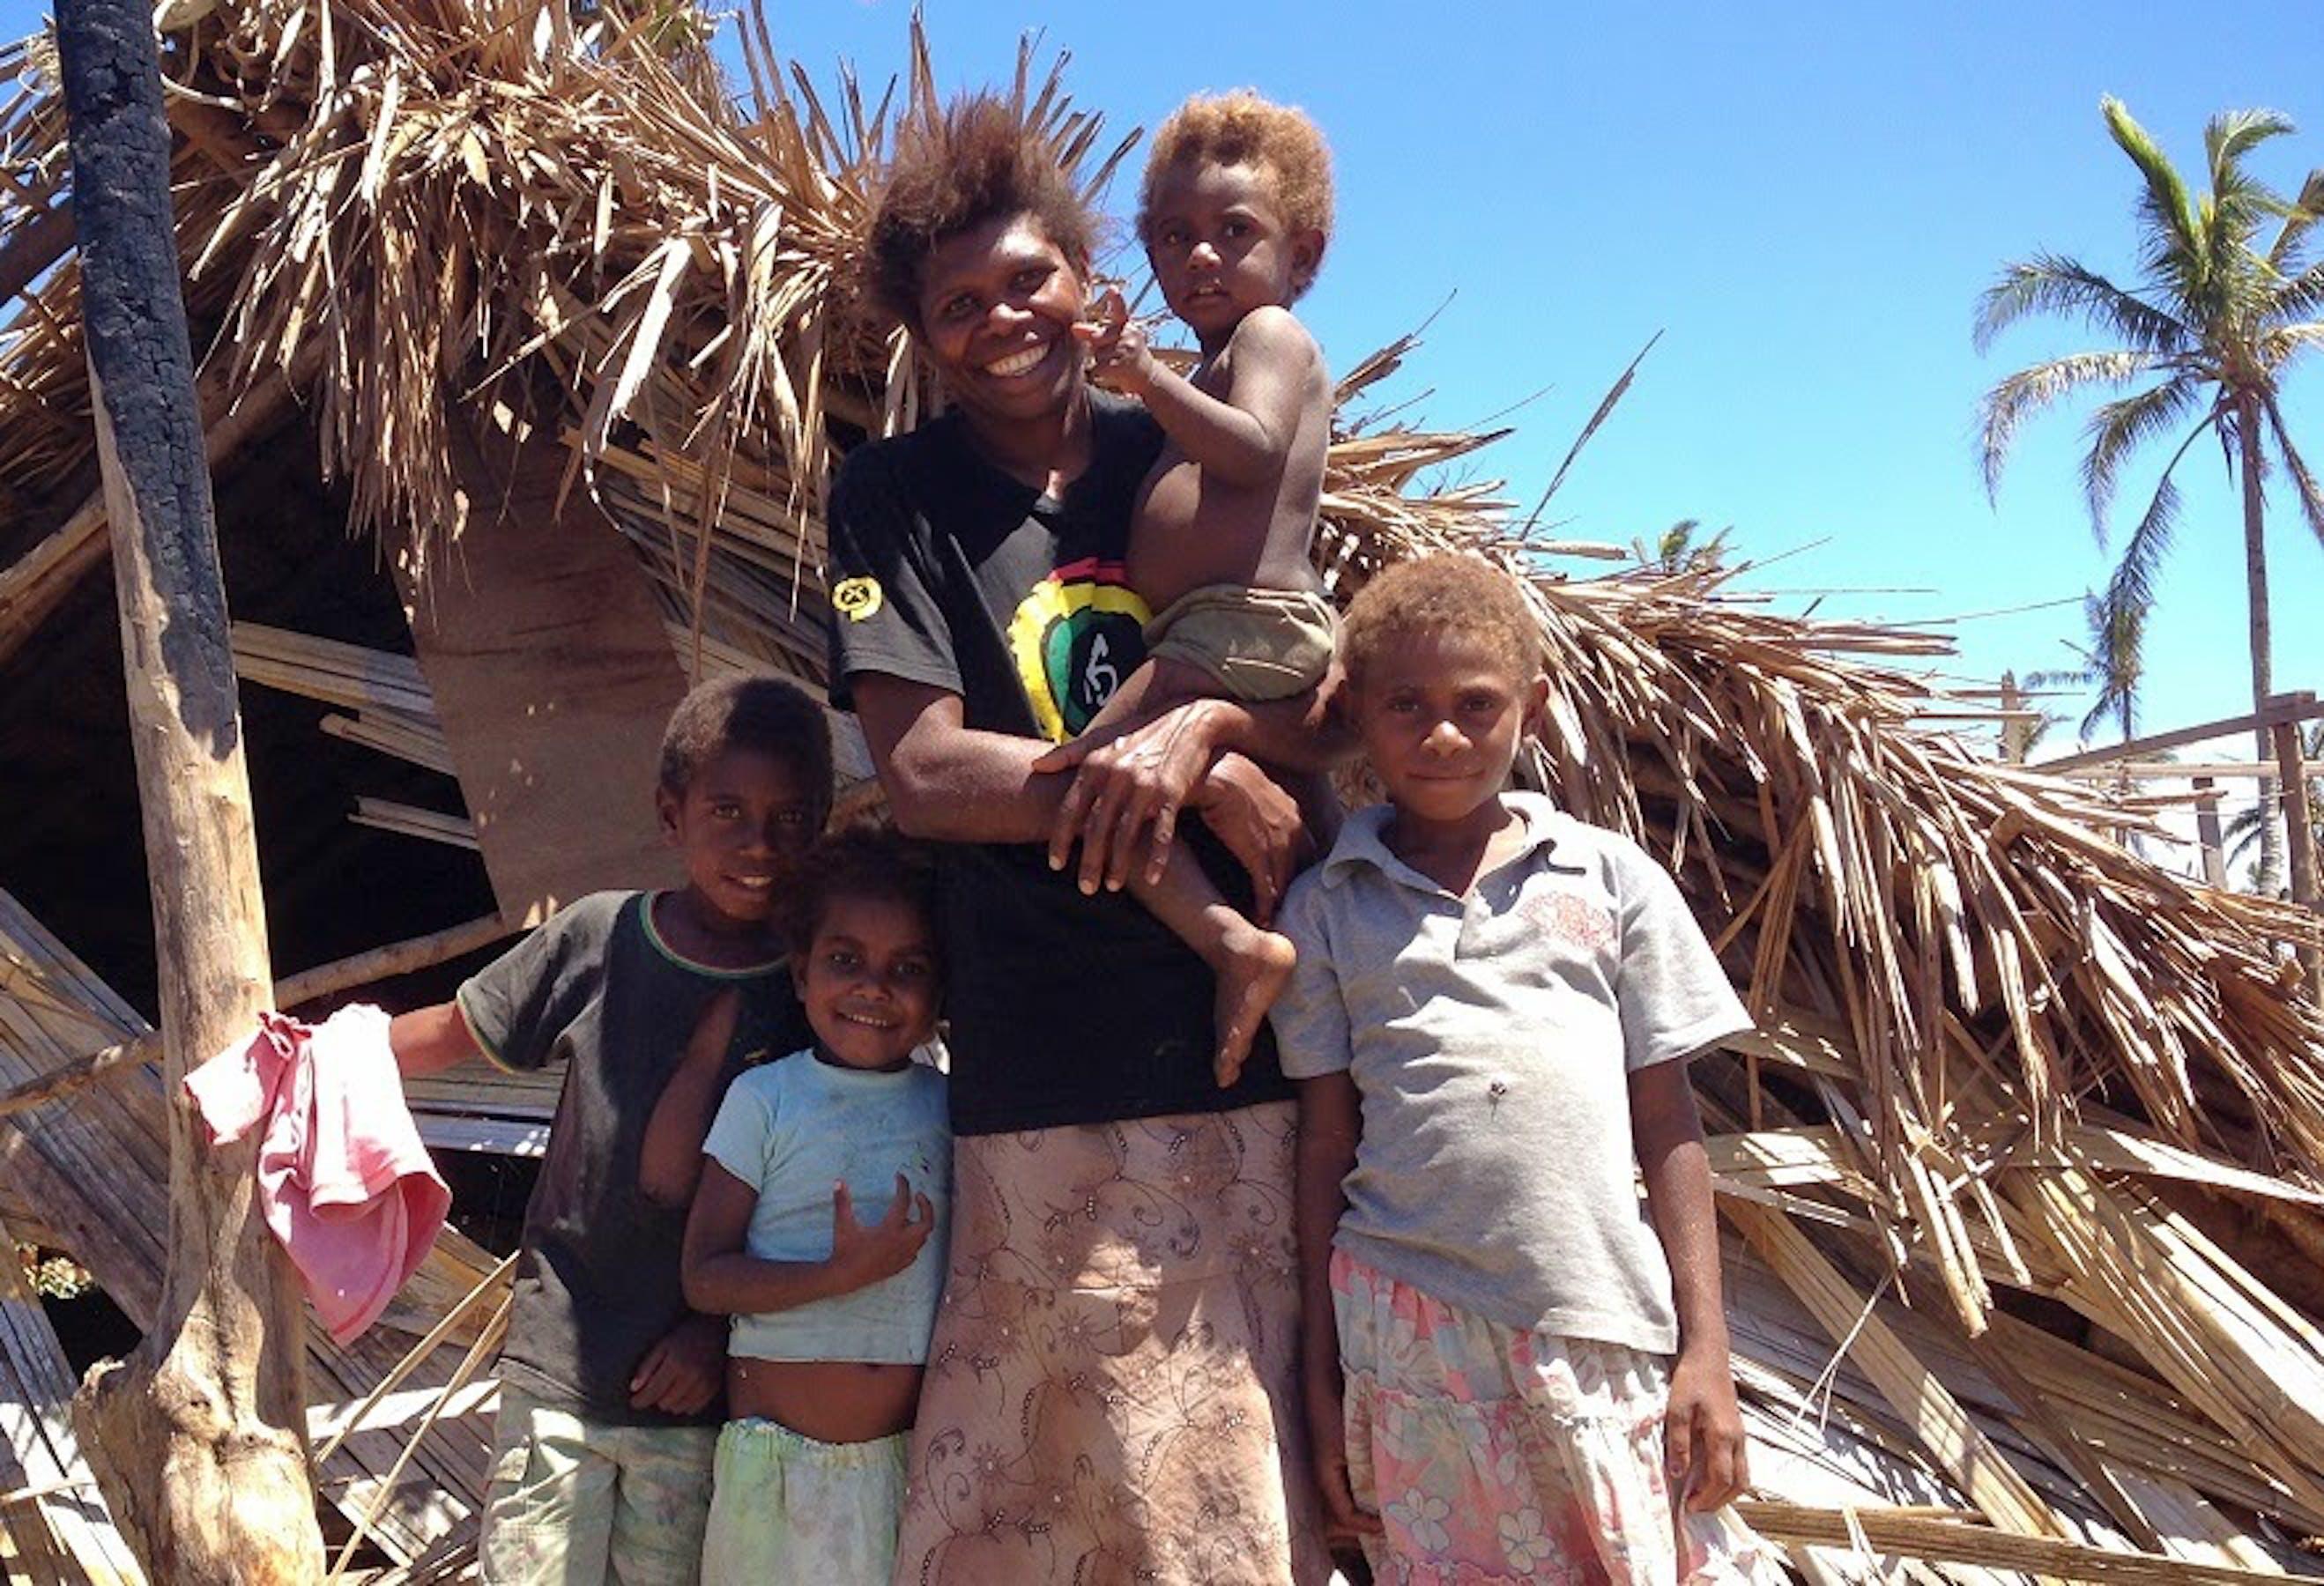 Una famiglia sull'isola Tannu sorride, nonostante la distruzione della sua abitazione - ©UNICEF Pacific/2015/Crumb